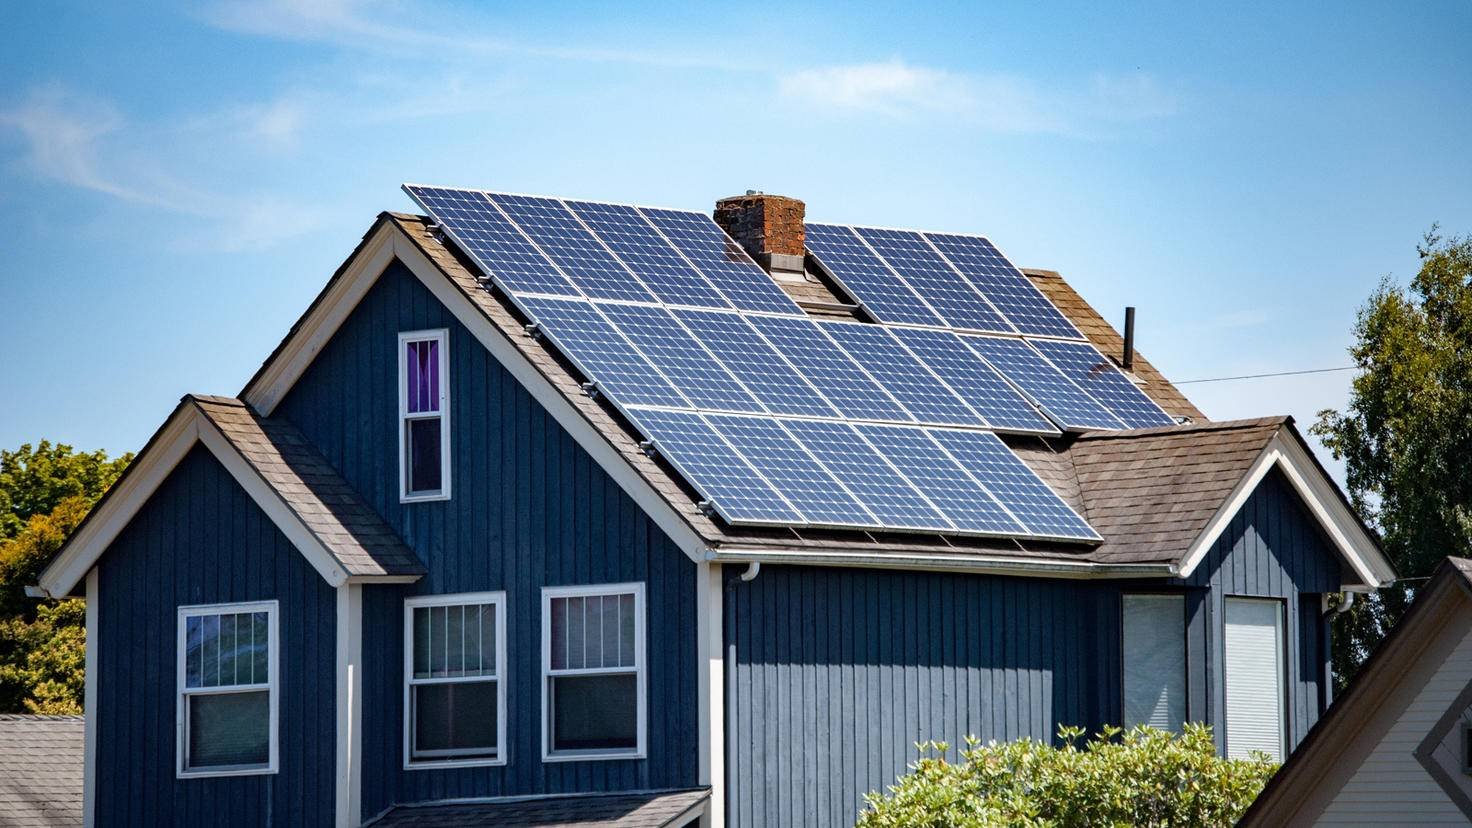 Solaranlage-Fotovoltaik-Haus-CLShebley-AdobeStock_166916488